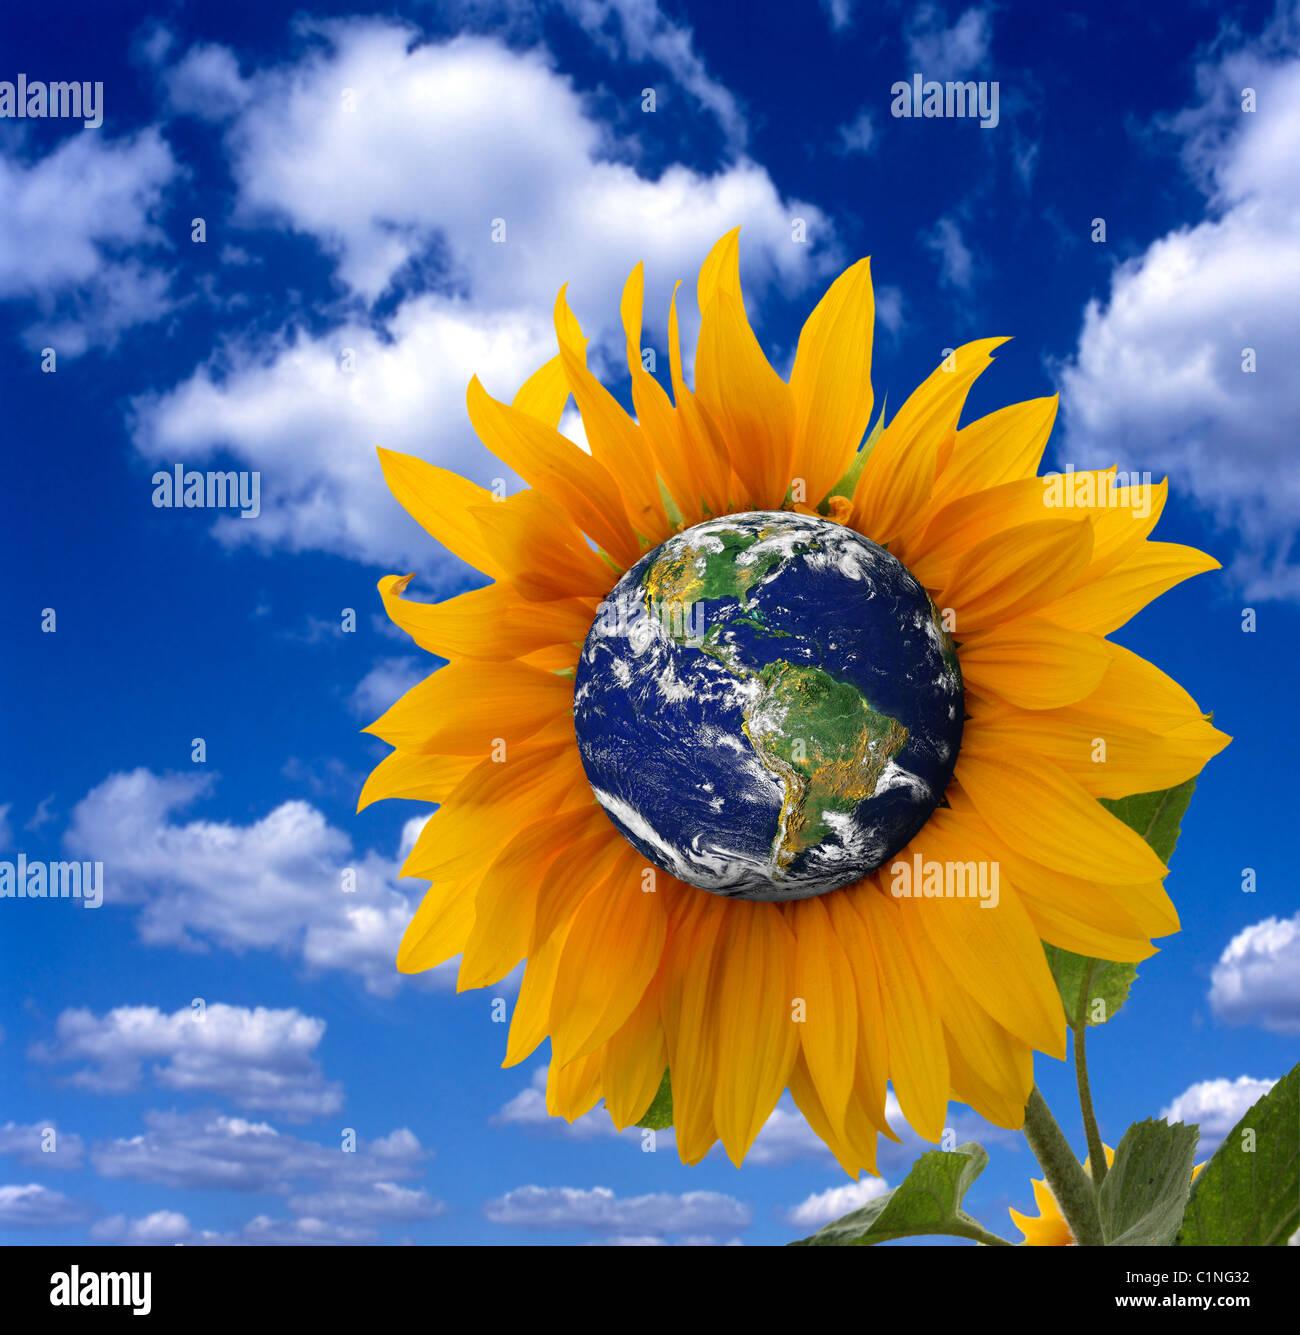 Erde wie eine Sonnenblume, die Erde als einen lebendigen Organismus darstellt. Stockbild